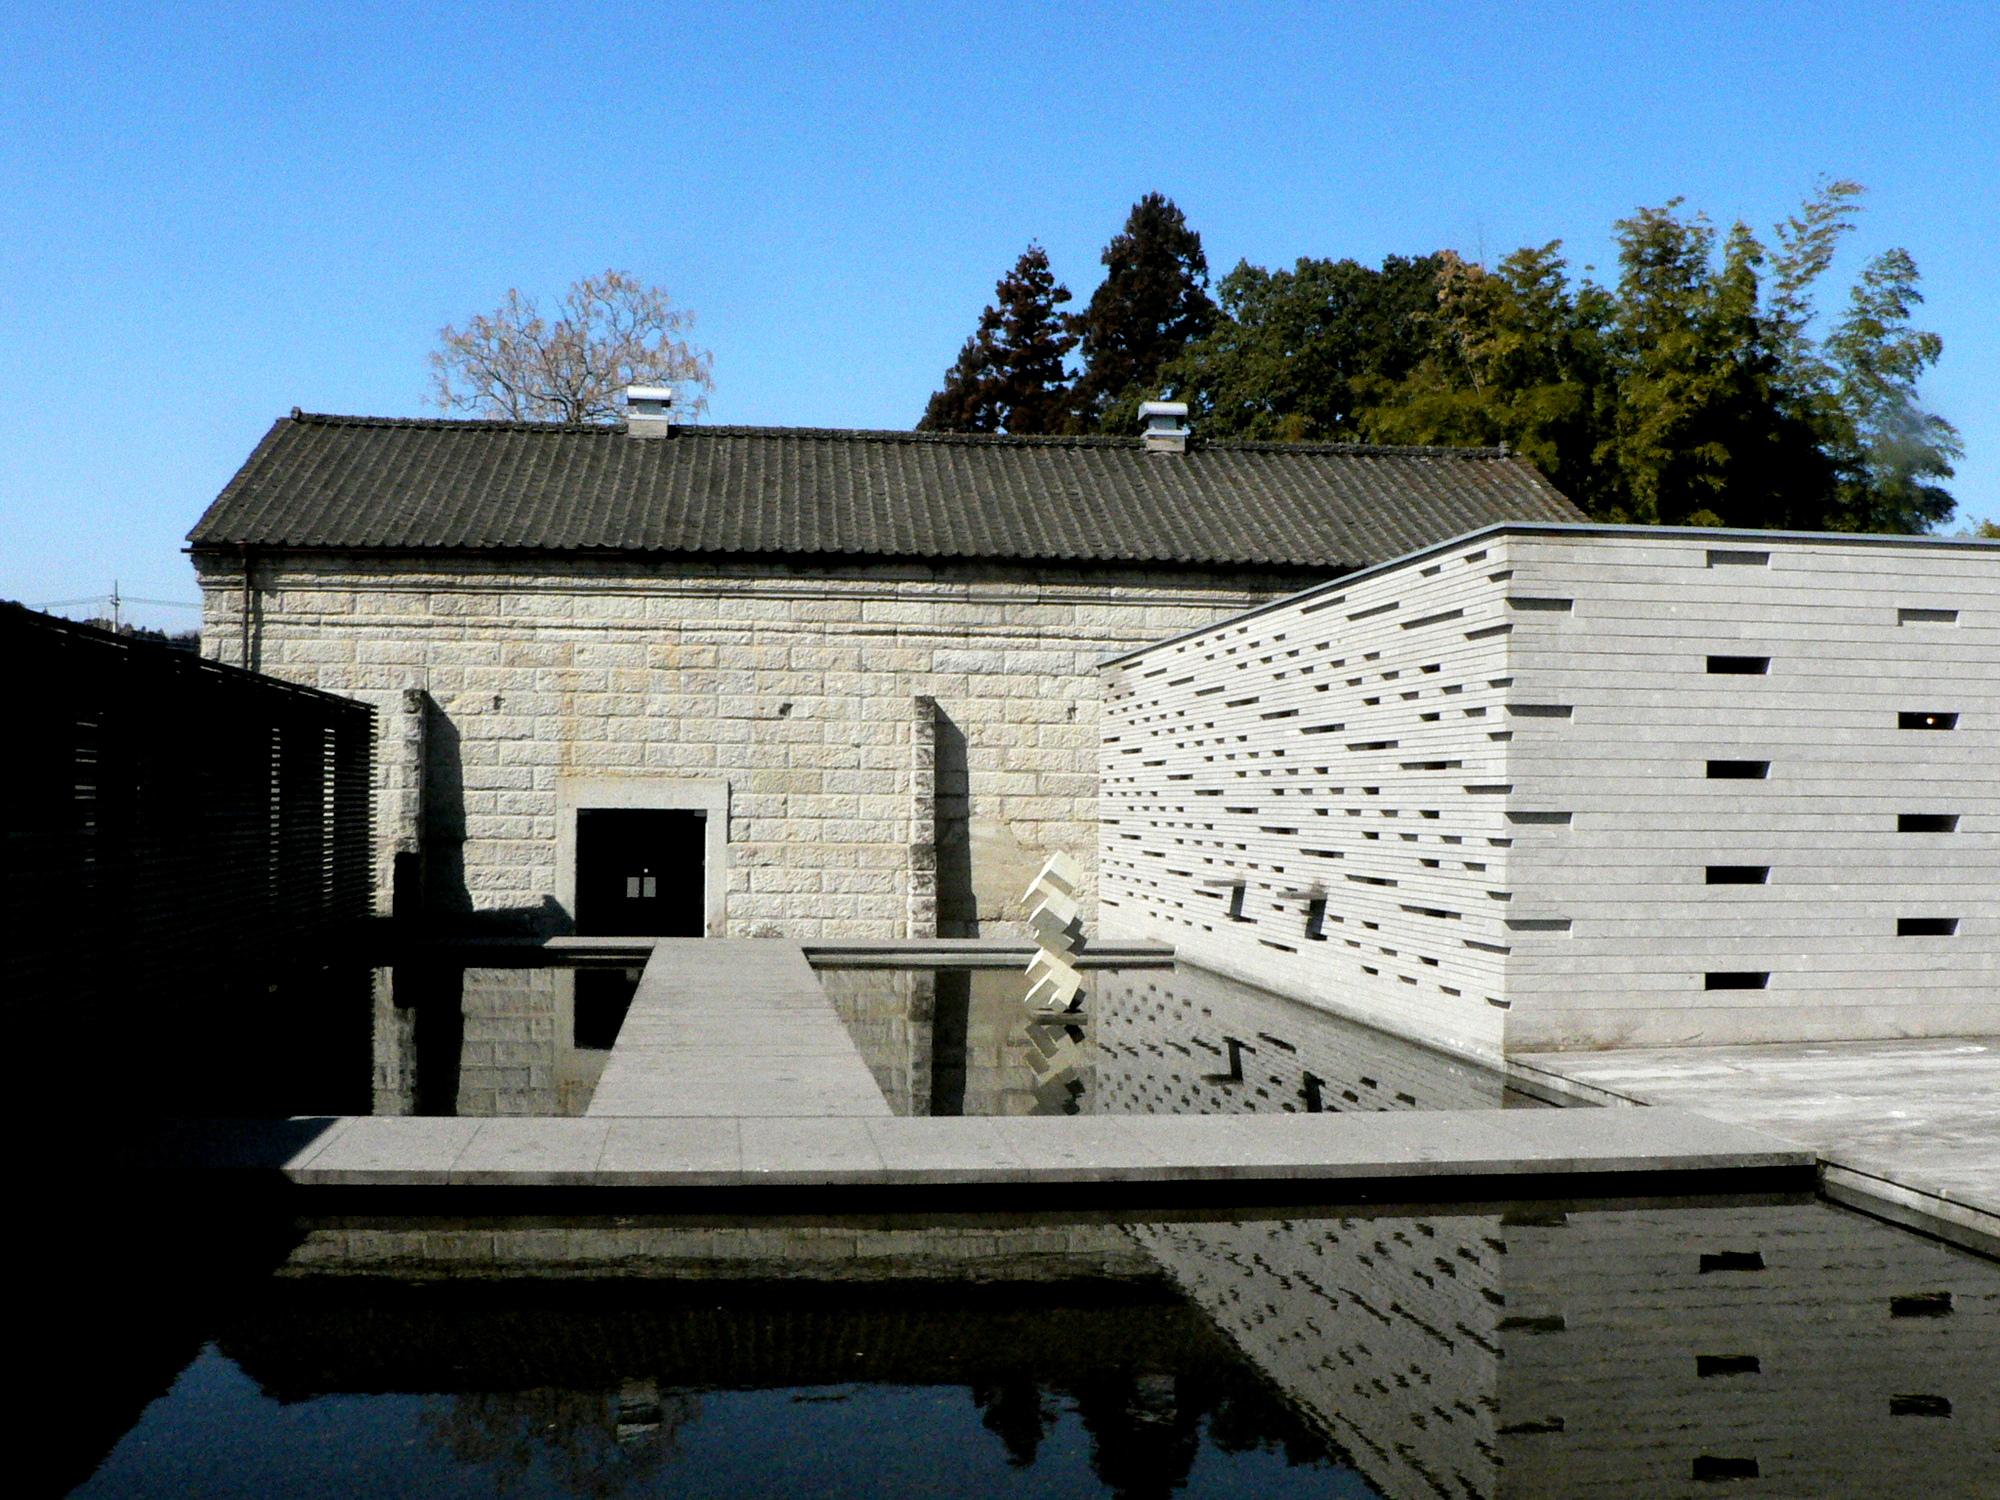 那須芦野石のストーンプラザは水を張った池を石橋がつなぐ